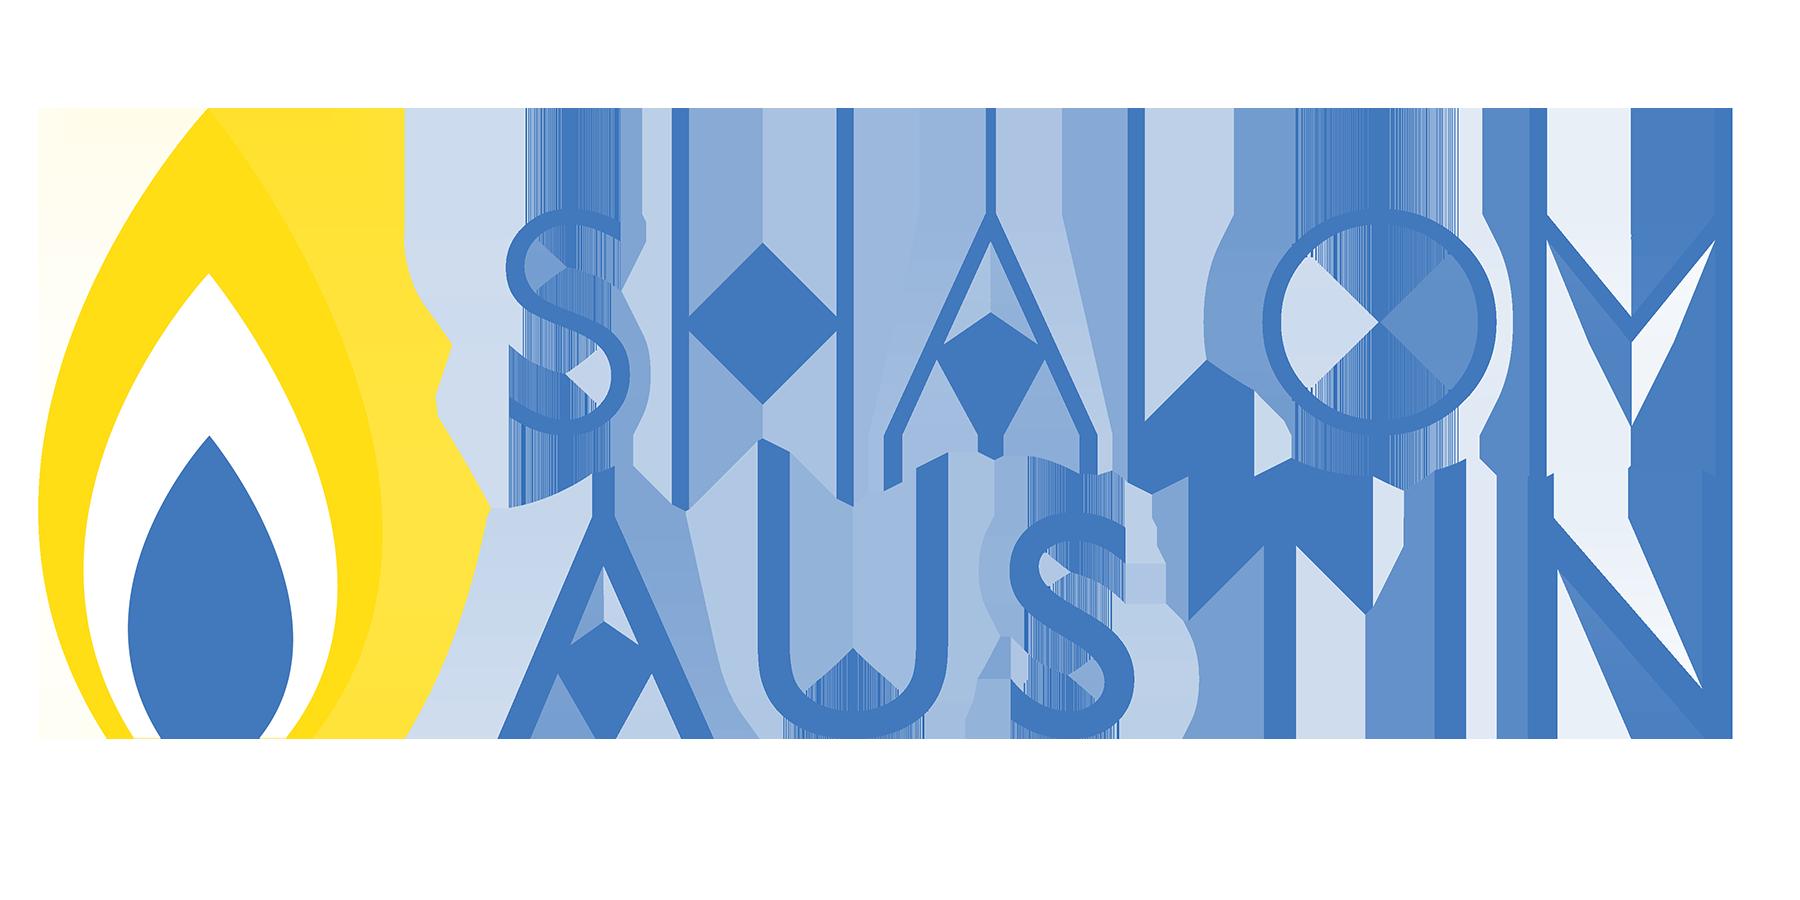 Shalom Austin